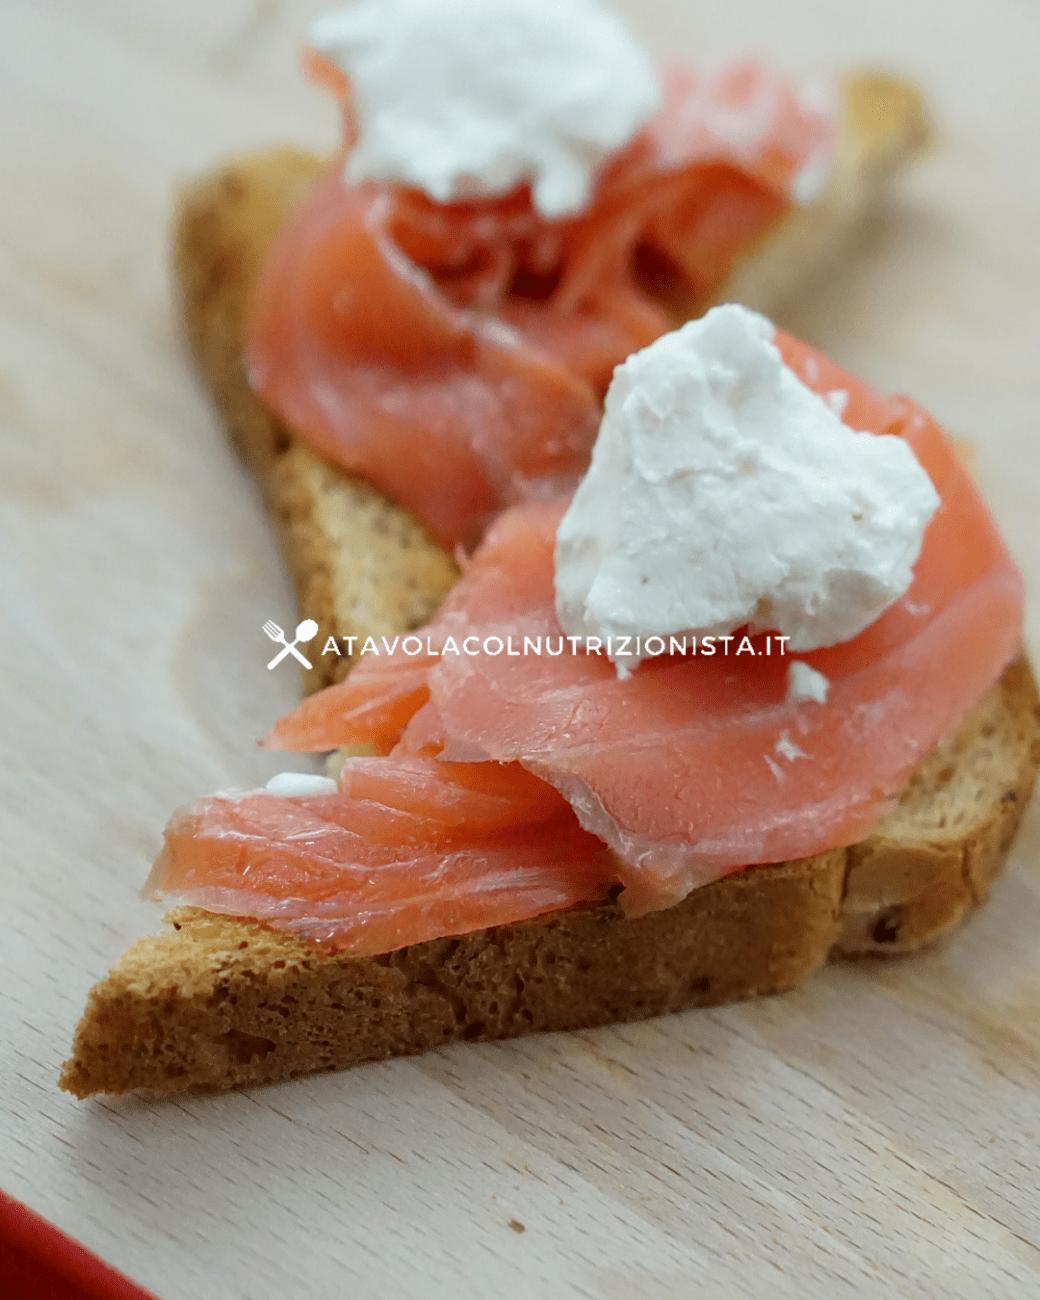 Ricetta Salmone Affumicato E Yogurt Greco.Ricetta Light Pane Tostato Con Salmone E Yogurt Greco A Tavola Col Nutrizionista